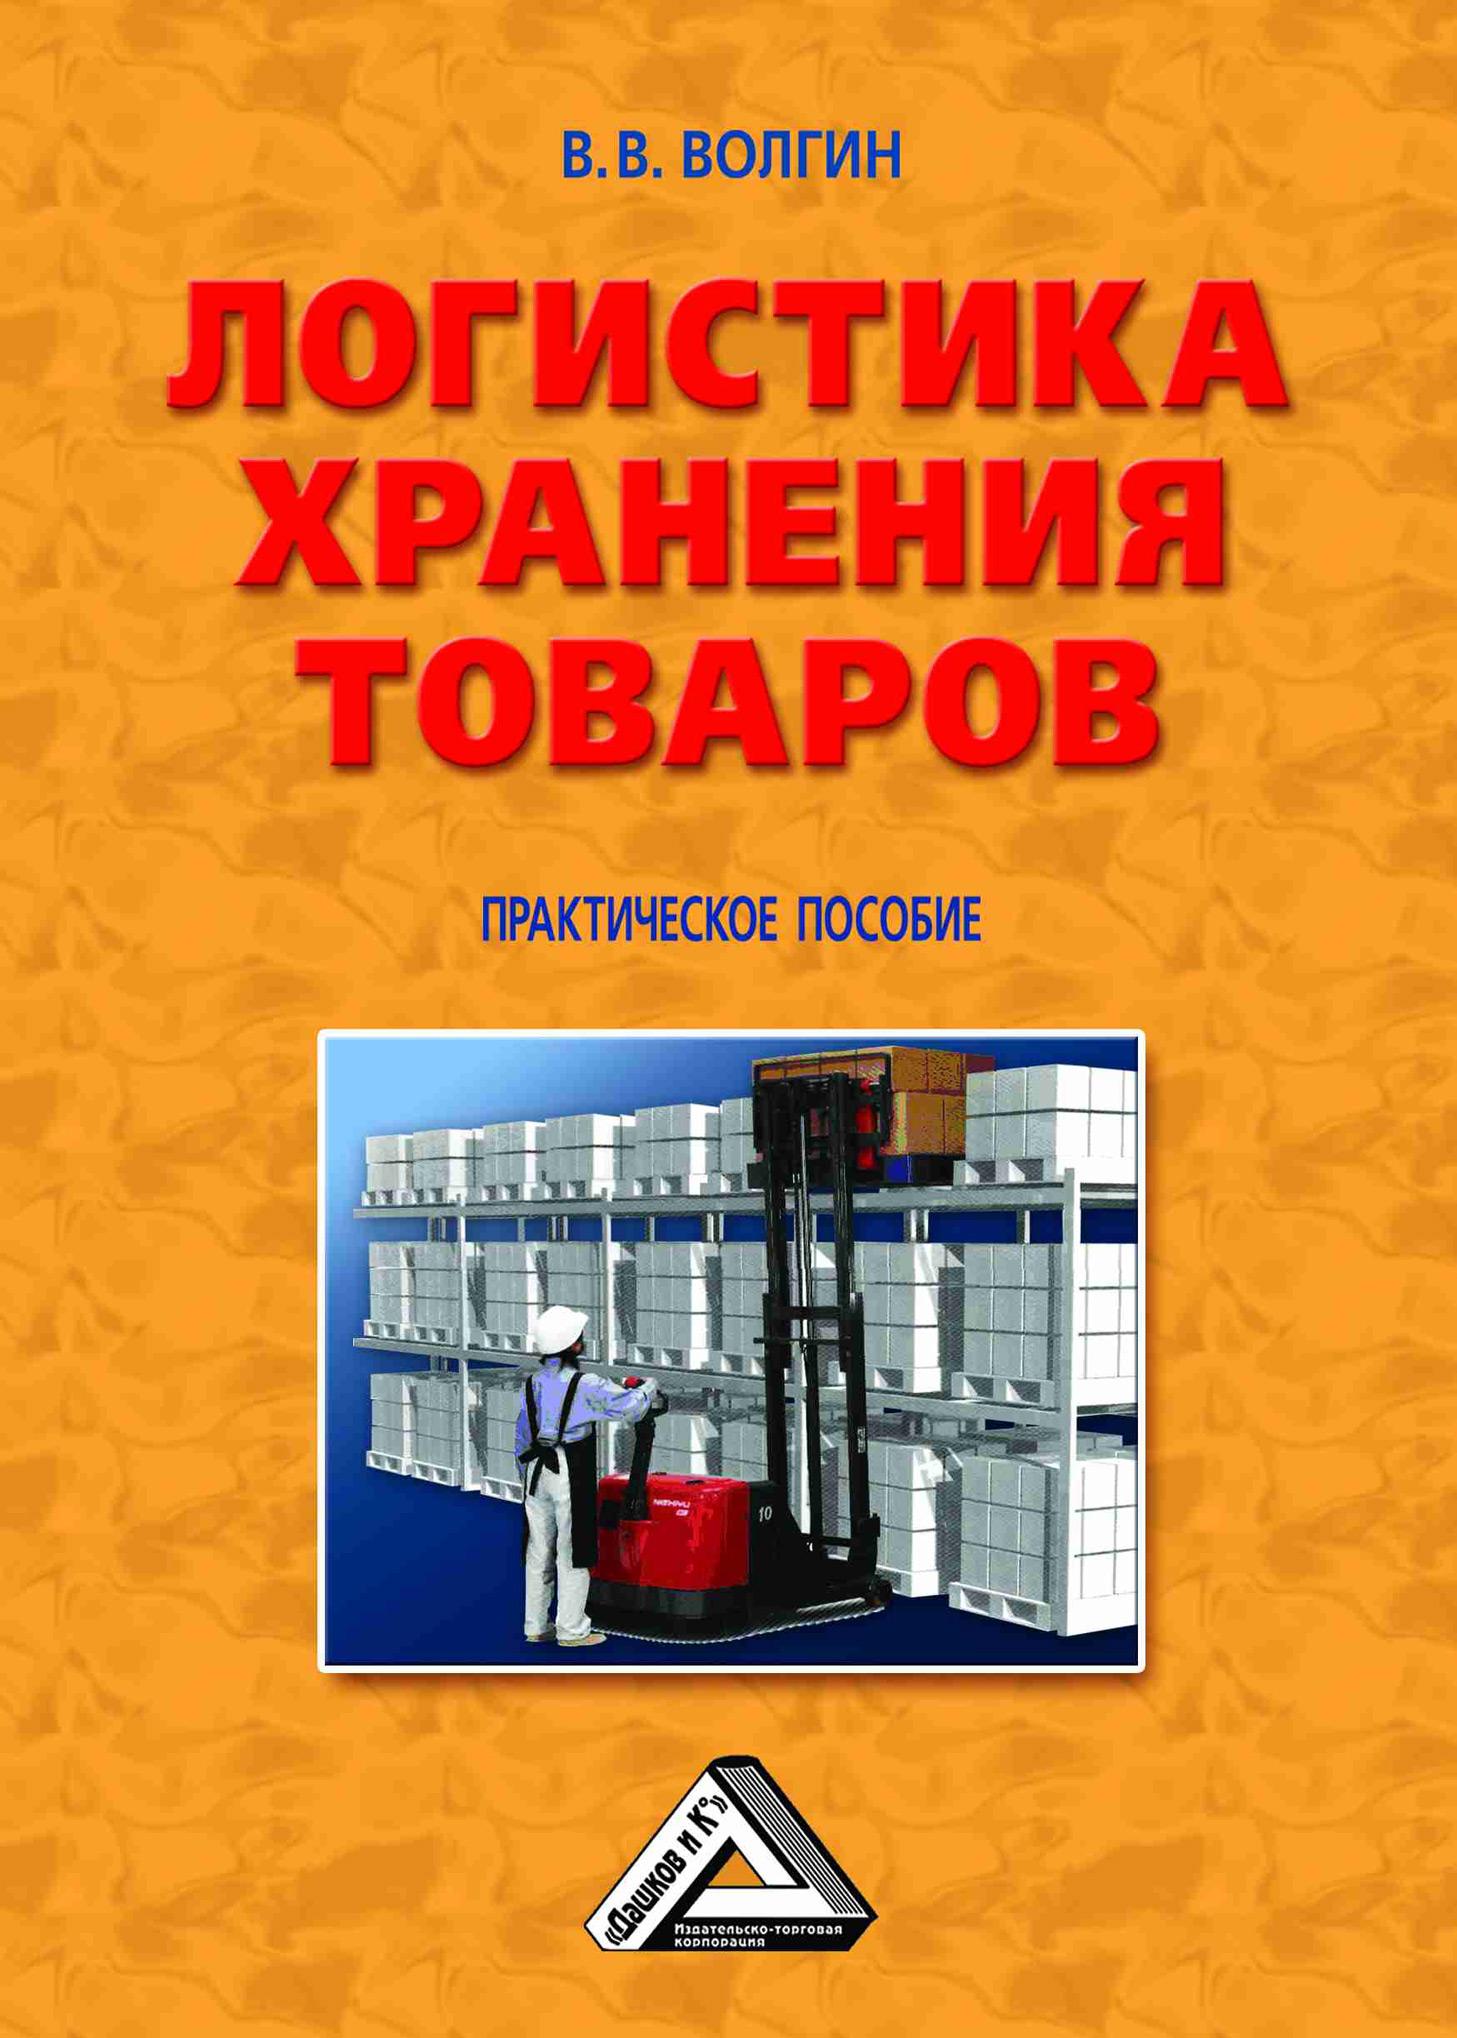 Логистика хранения товаров: Практическое пособие